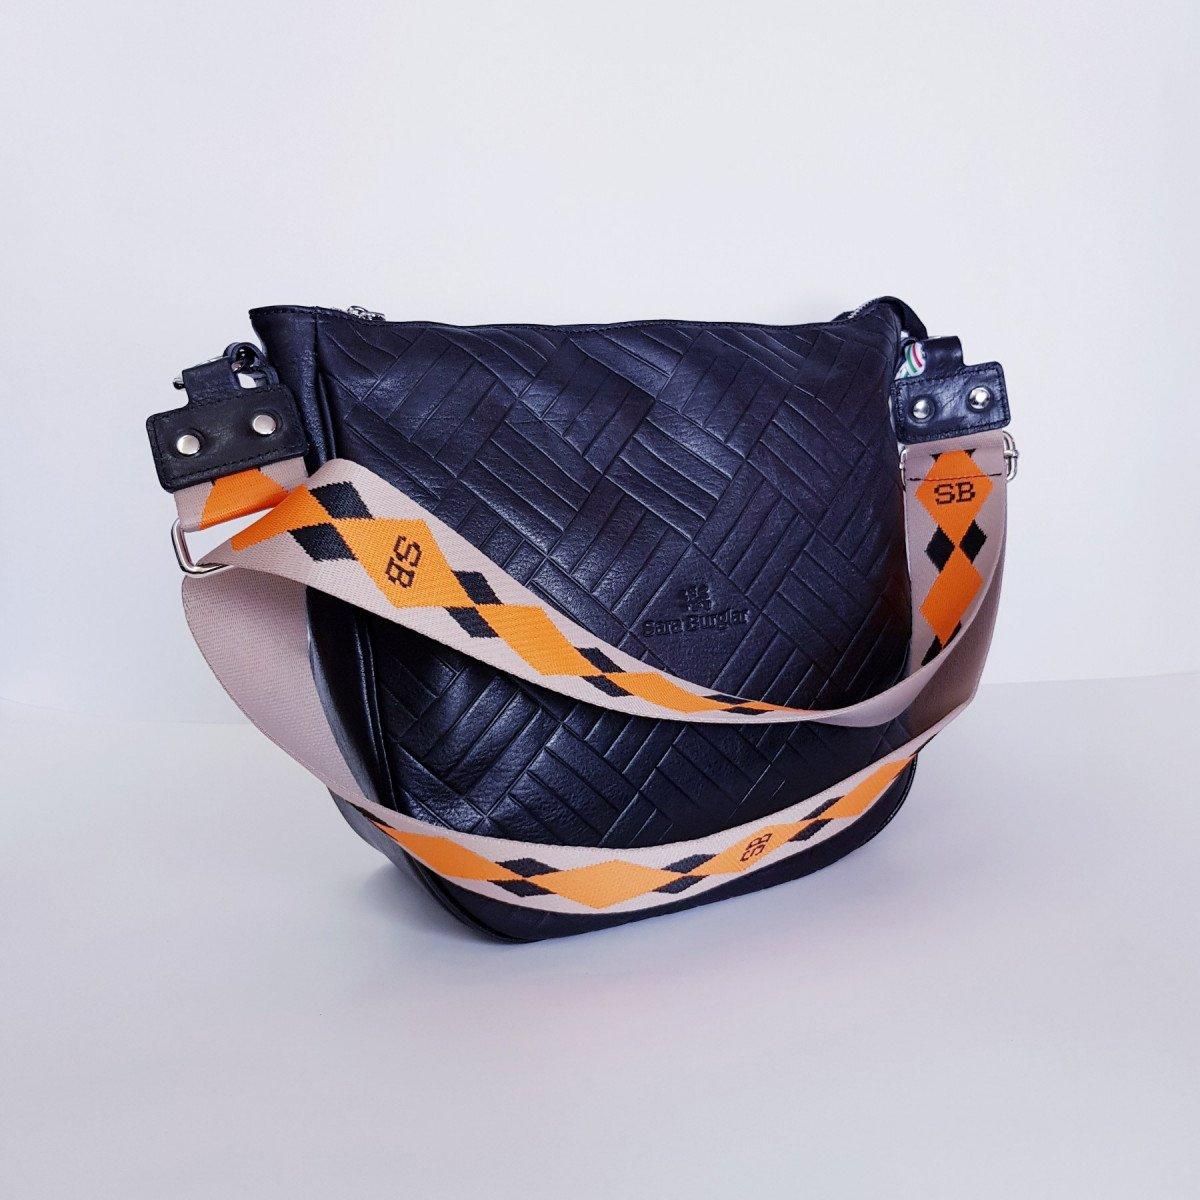 Женская кожаная сумка Sara Burglar A0S1D141 NERO из натуральной кожи